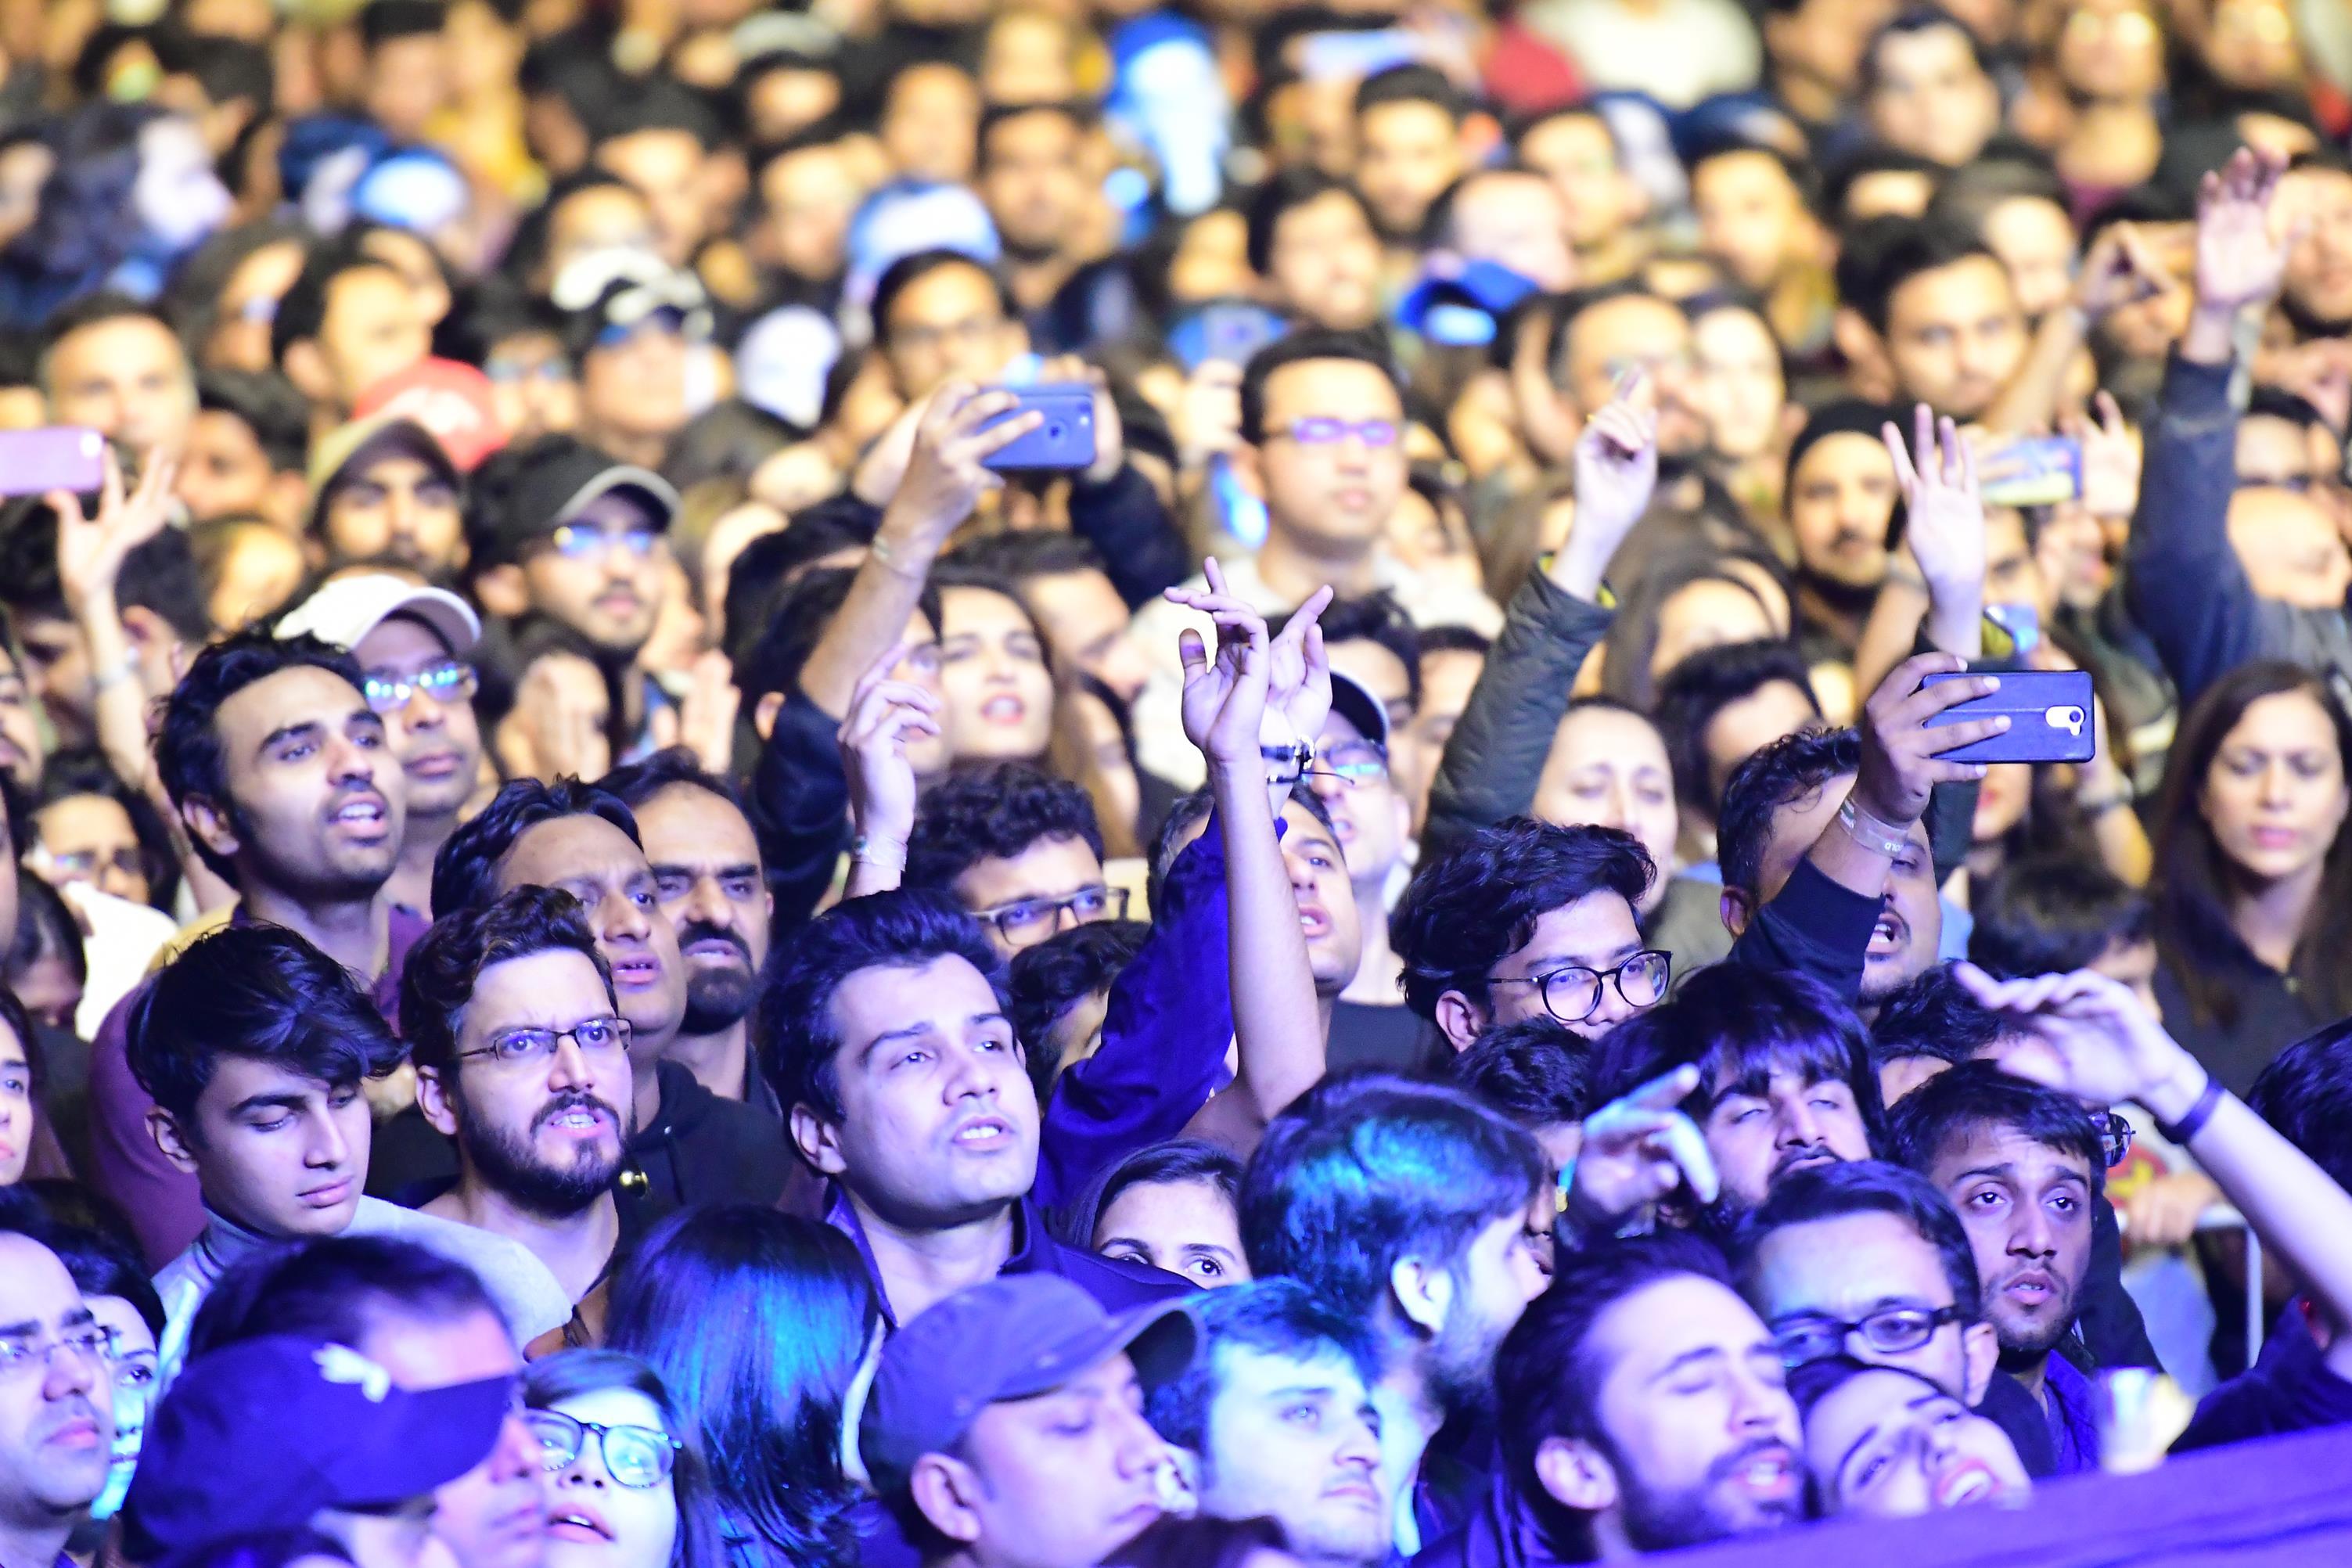 SooperJunoon - crowd at the concert